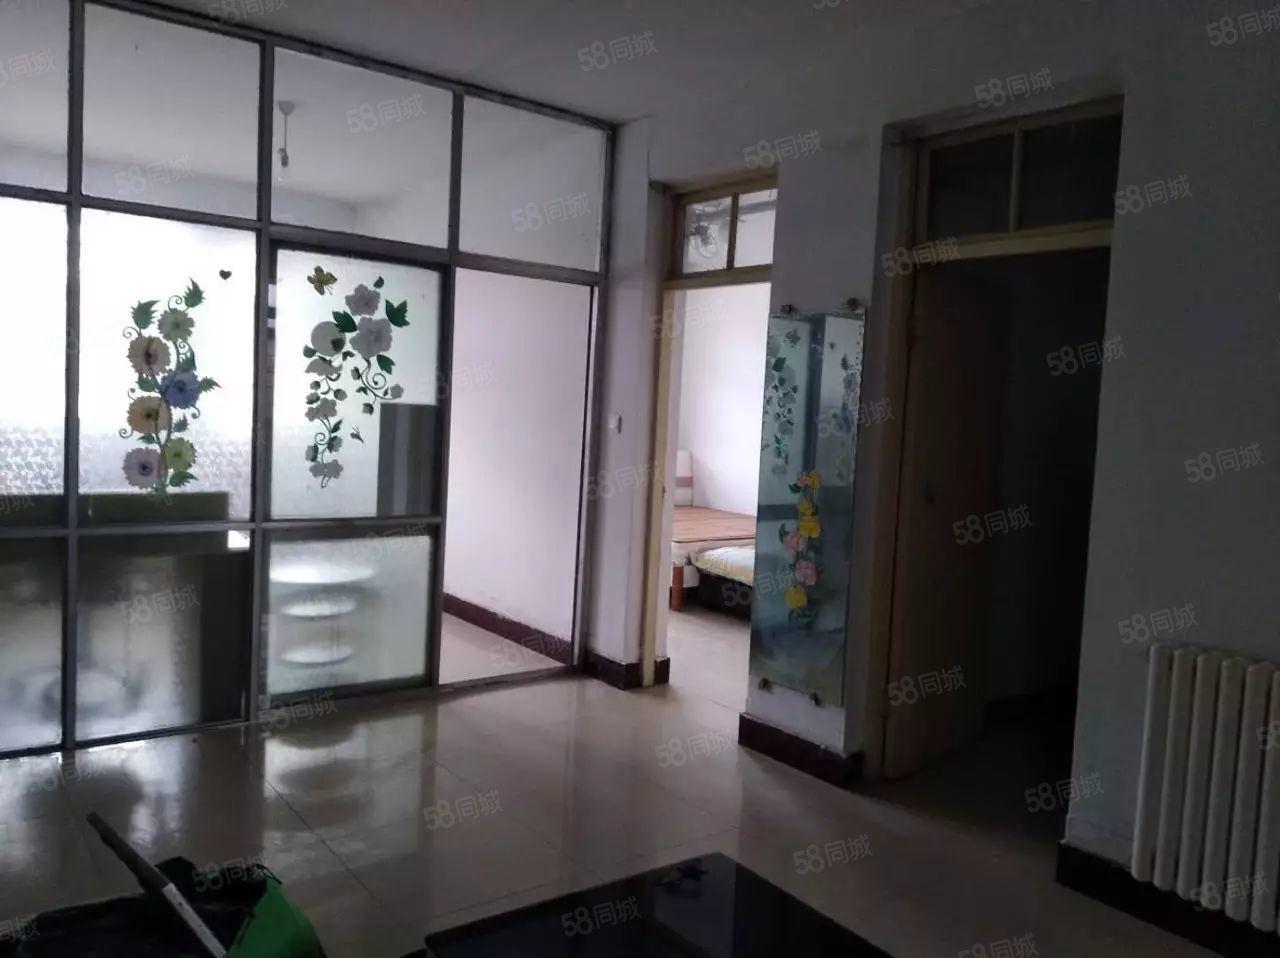 菱花小区,三室一厅,巨便宜,简装带地上储